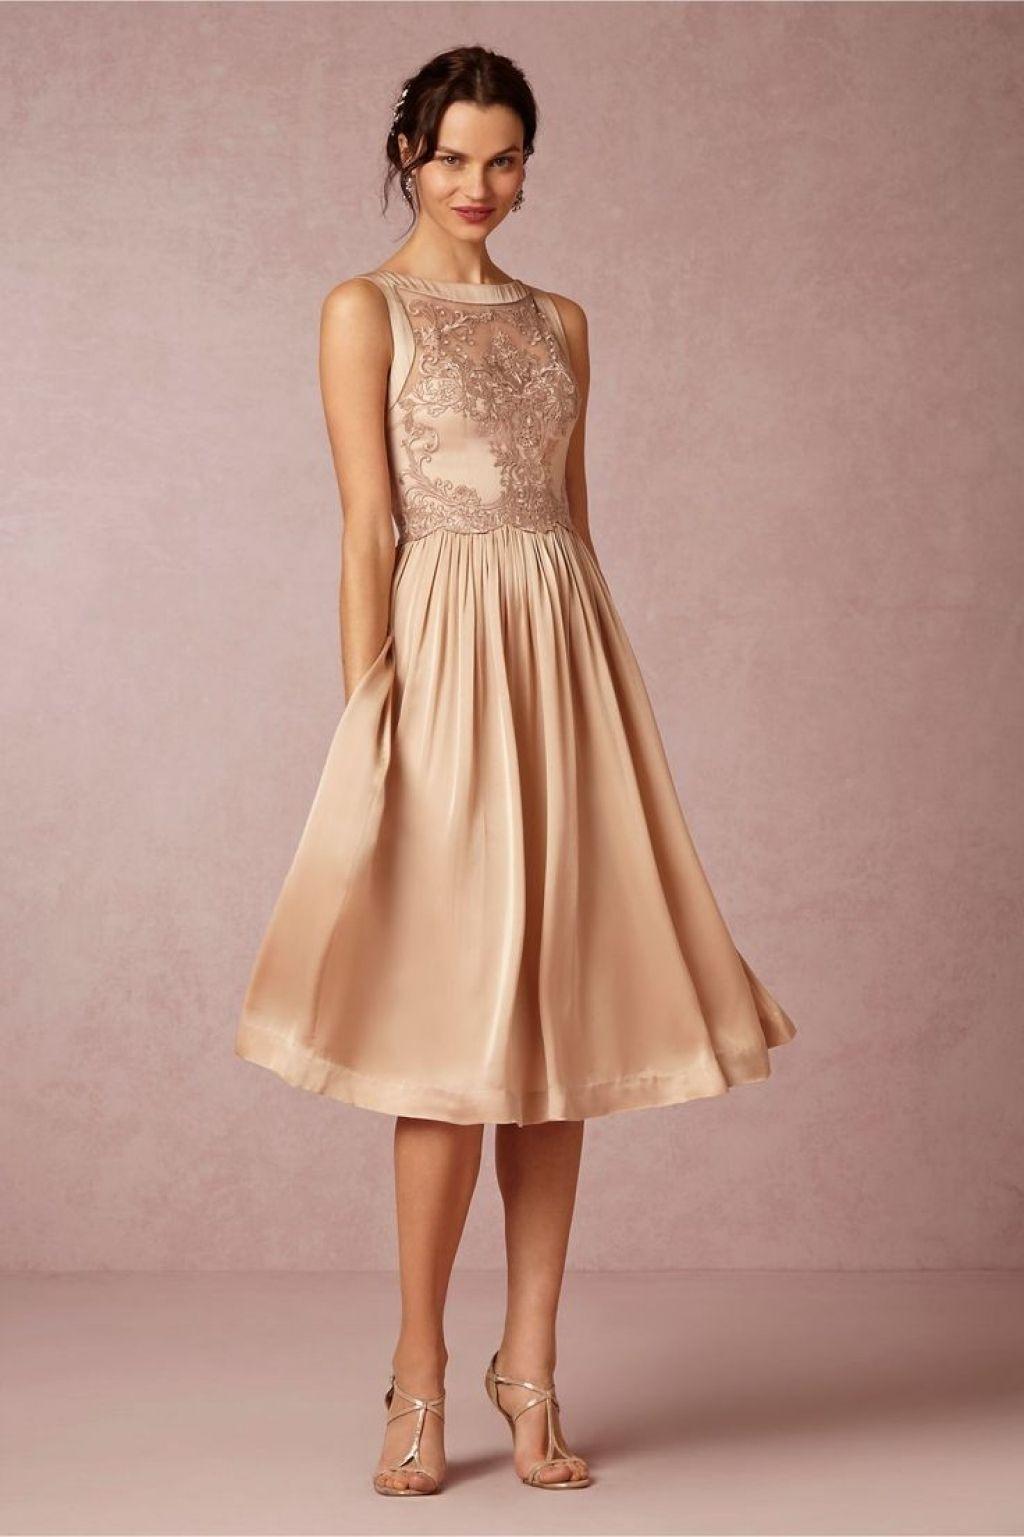 Formal Ausgezeichnet Günstige Kleider Für Hochzeit StylishDesigner Kreativ Günstige Kleider Für Hochzeit Bester Preis